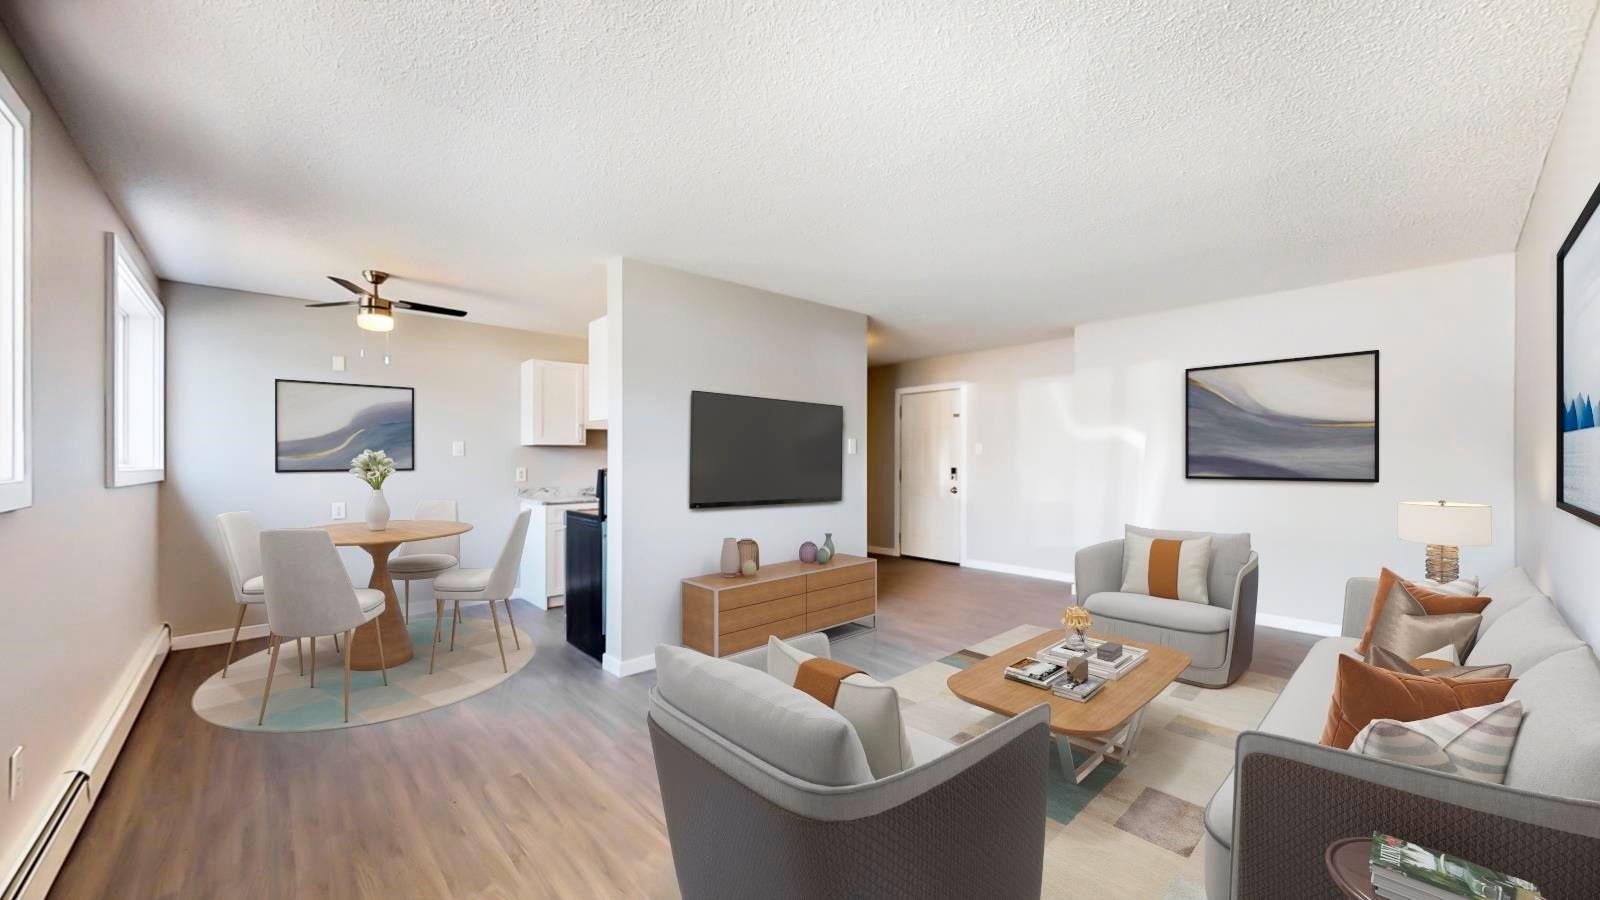 Main Photo: 102 8930 149 Street in Edmonton: Zone 22 Condo for sale : MLS®# E4264699